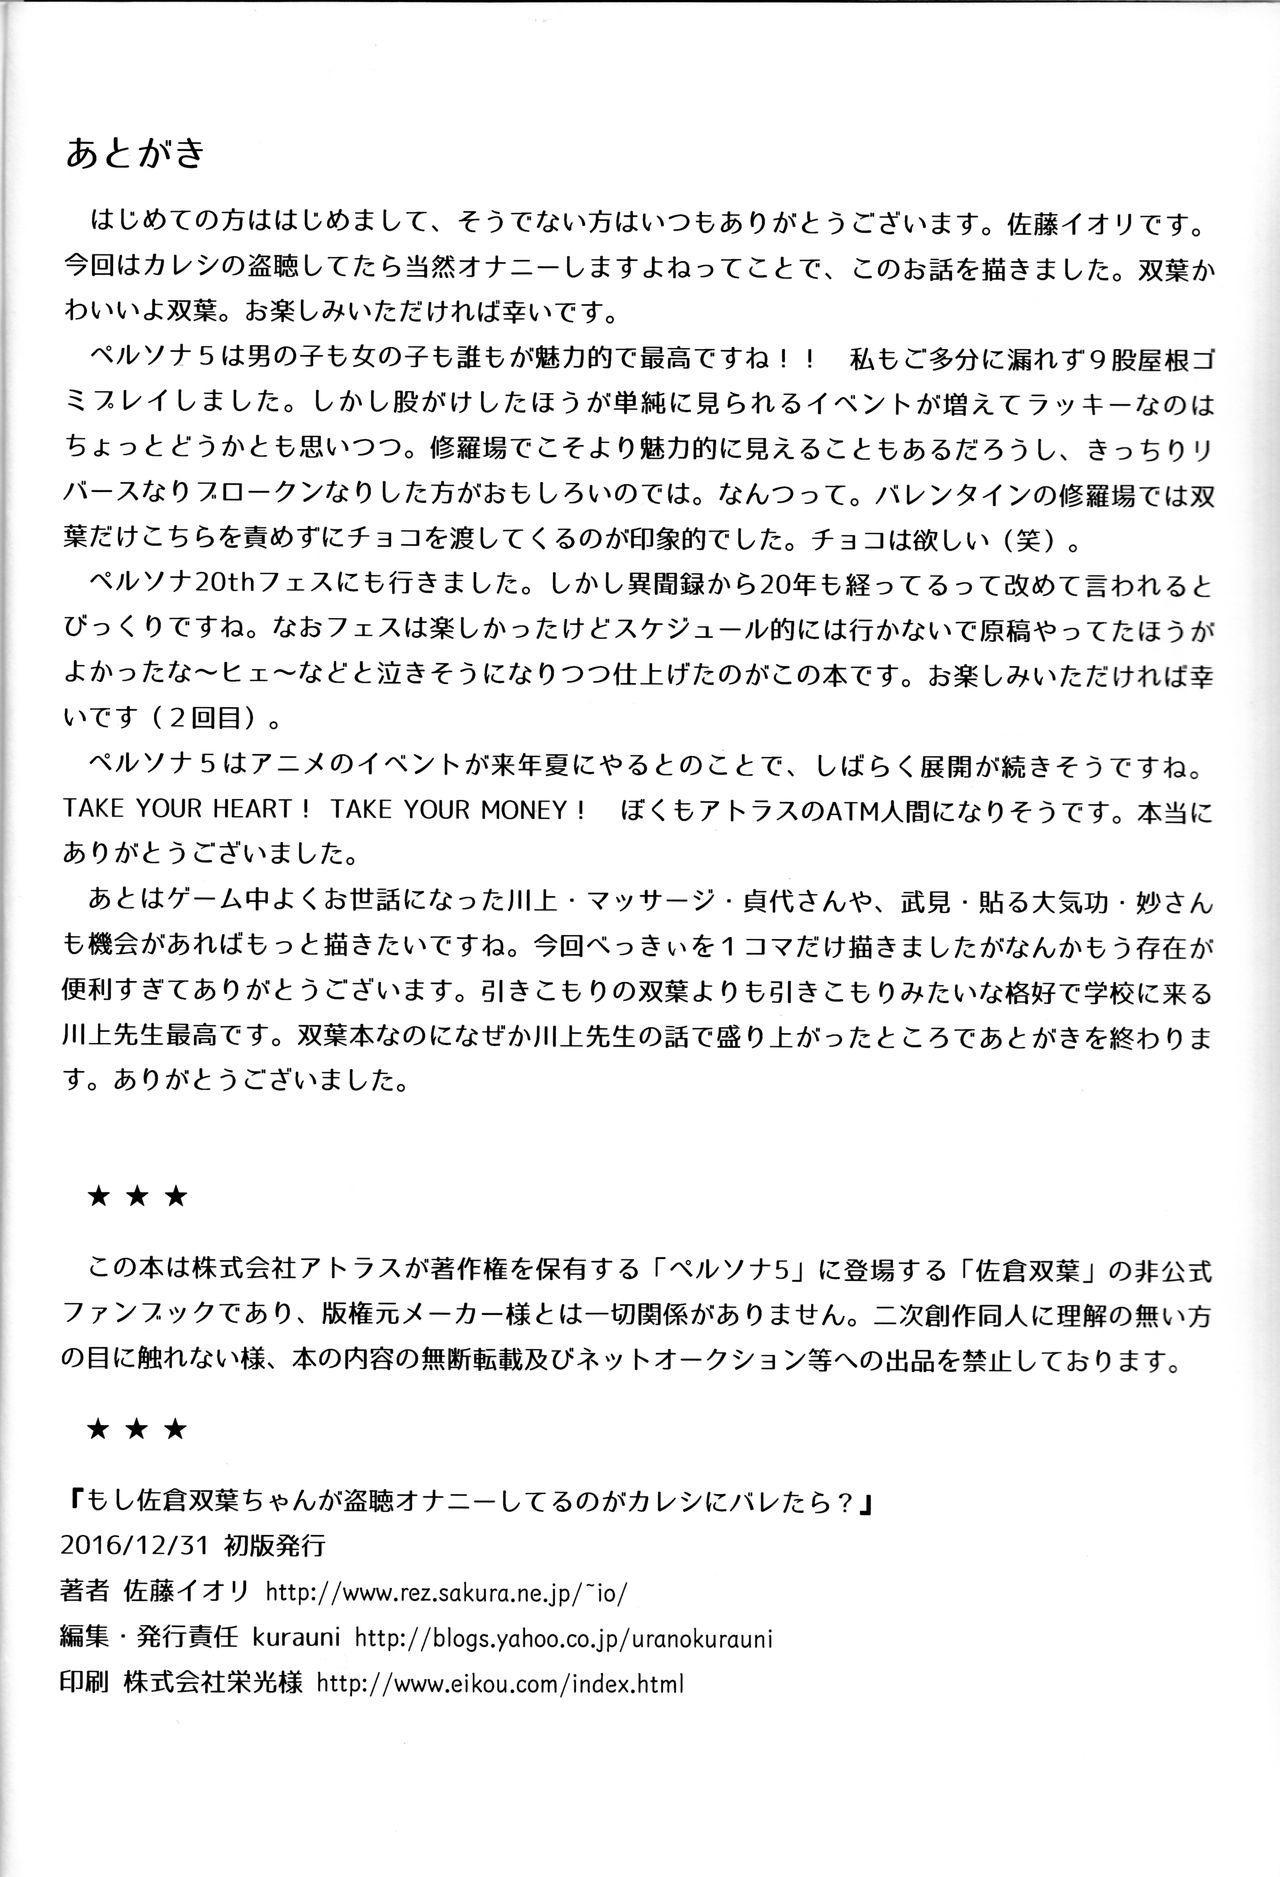 Moshi Sakura Futaba-chan ga Touchou Onanie Shiteru no ga Kareshi ni Baretara? 20